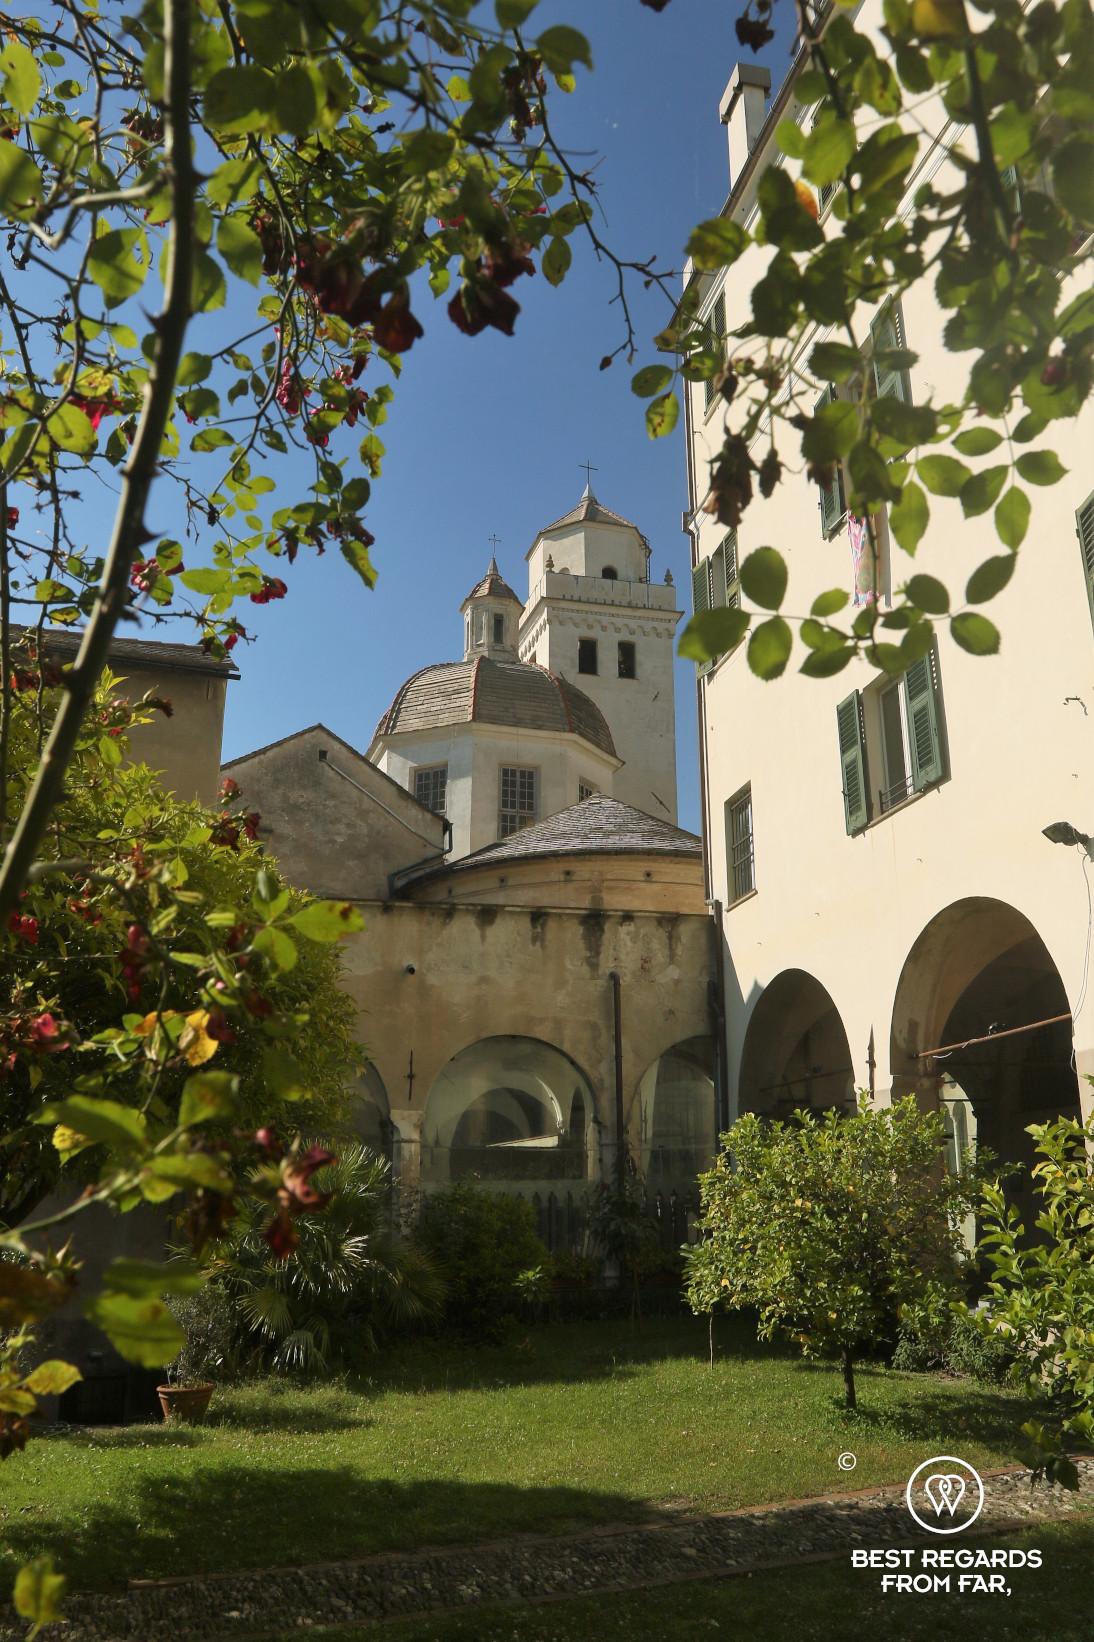 Garden of the Chiesa di Santa Maria di Castello, Genoa, Ligurai, Italy